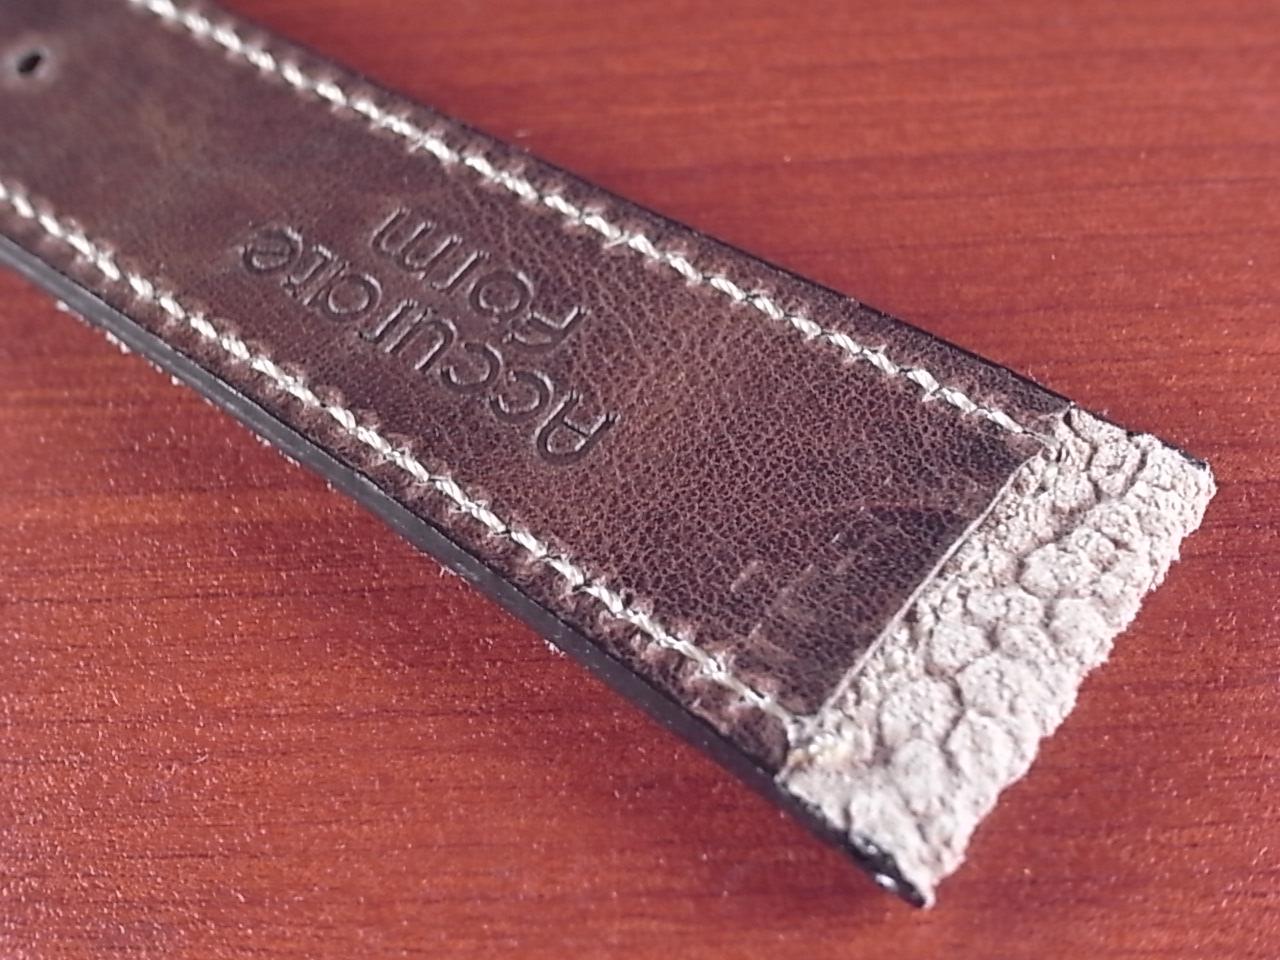 エレファント革ベルト ヴィンテージベージュ 18、20mm CBE-01aの写真6枚目